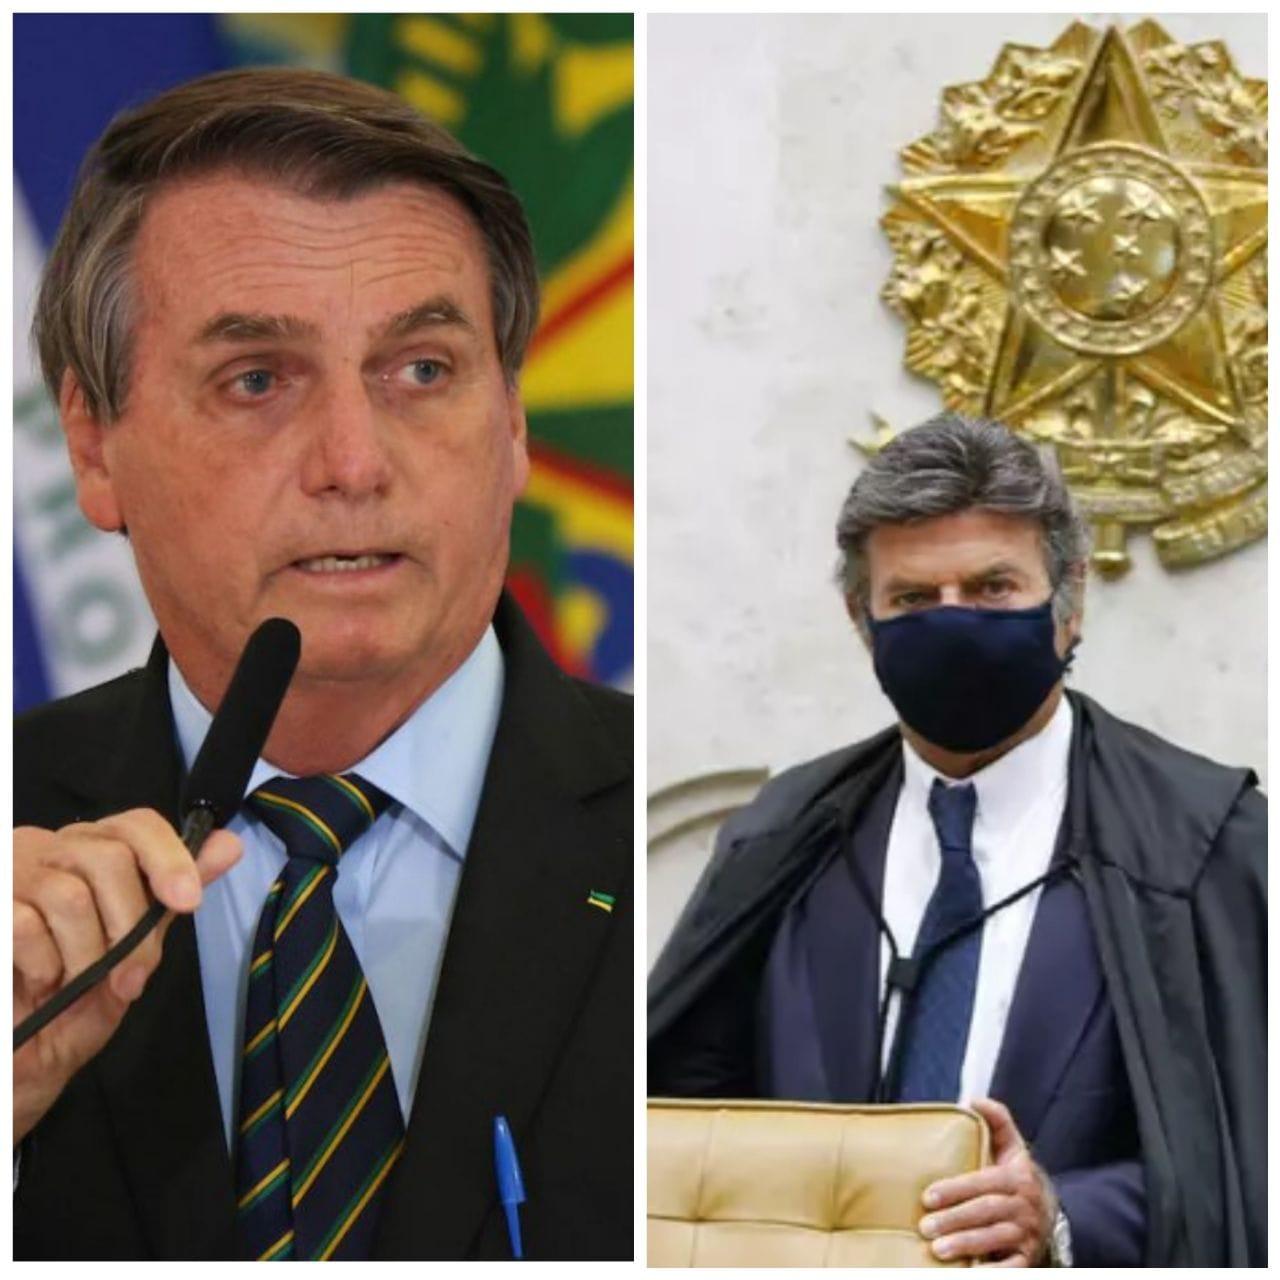 Bolsonaro ataca integrantes do STF e cancela reunião entre Poderes, diz Fux